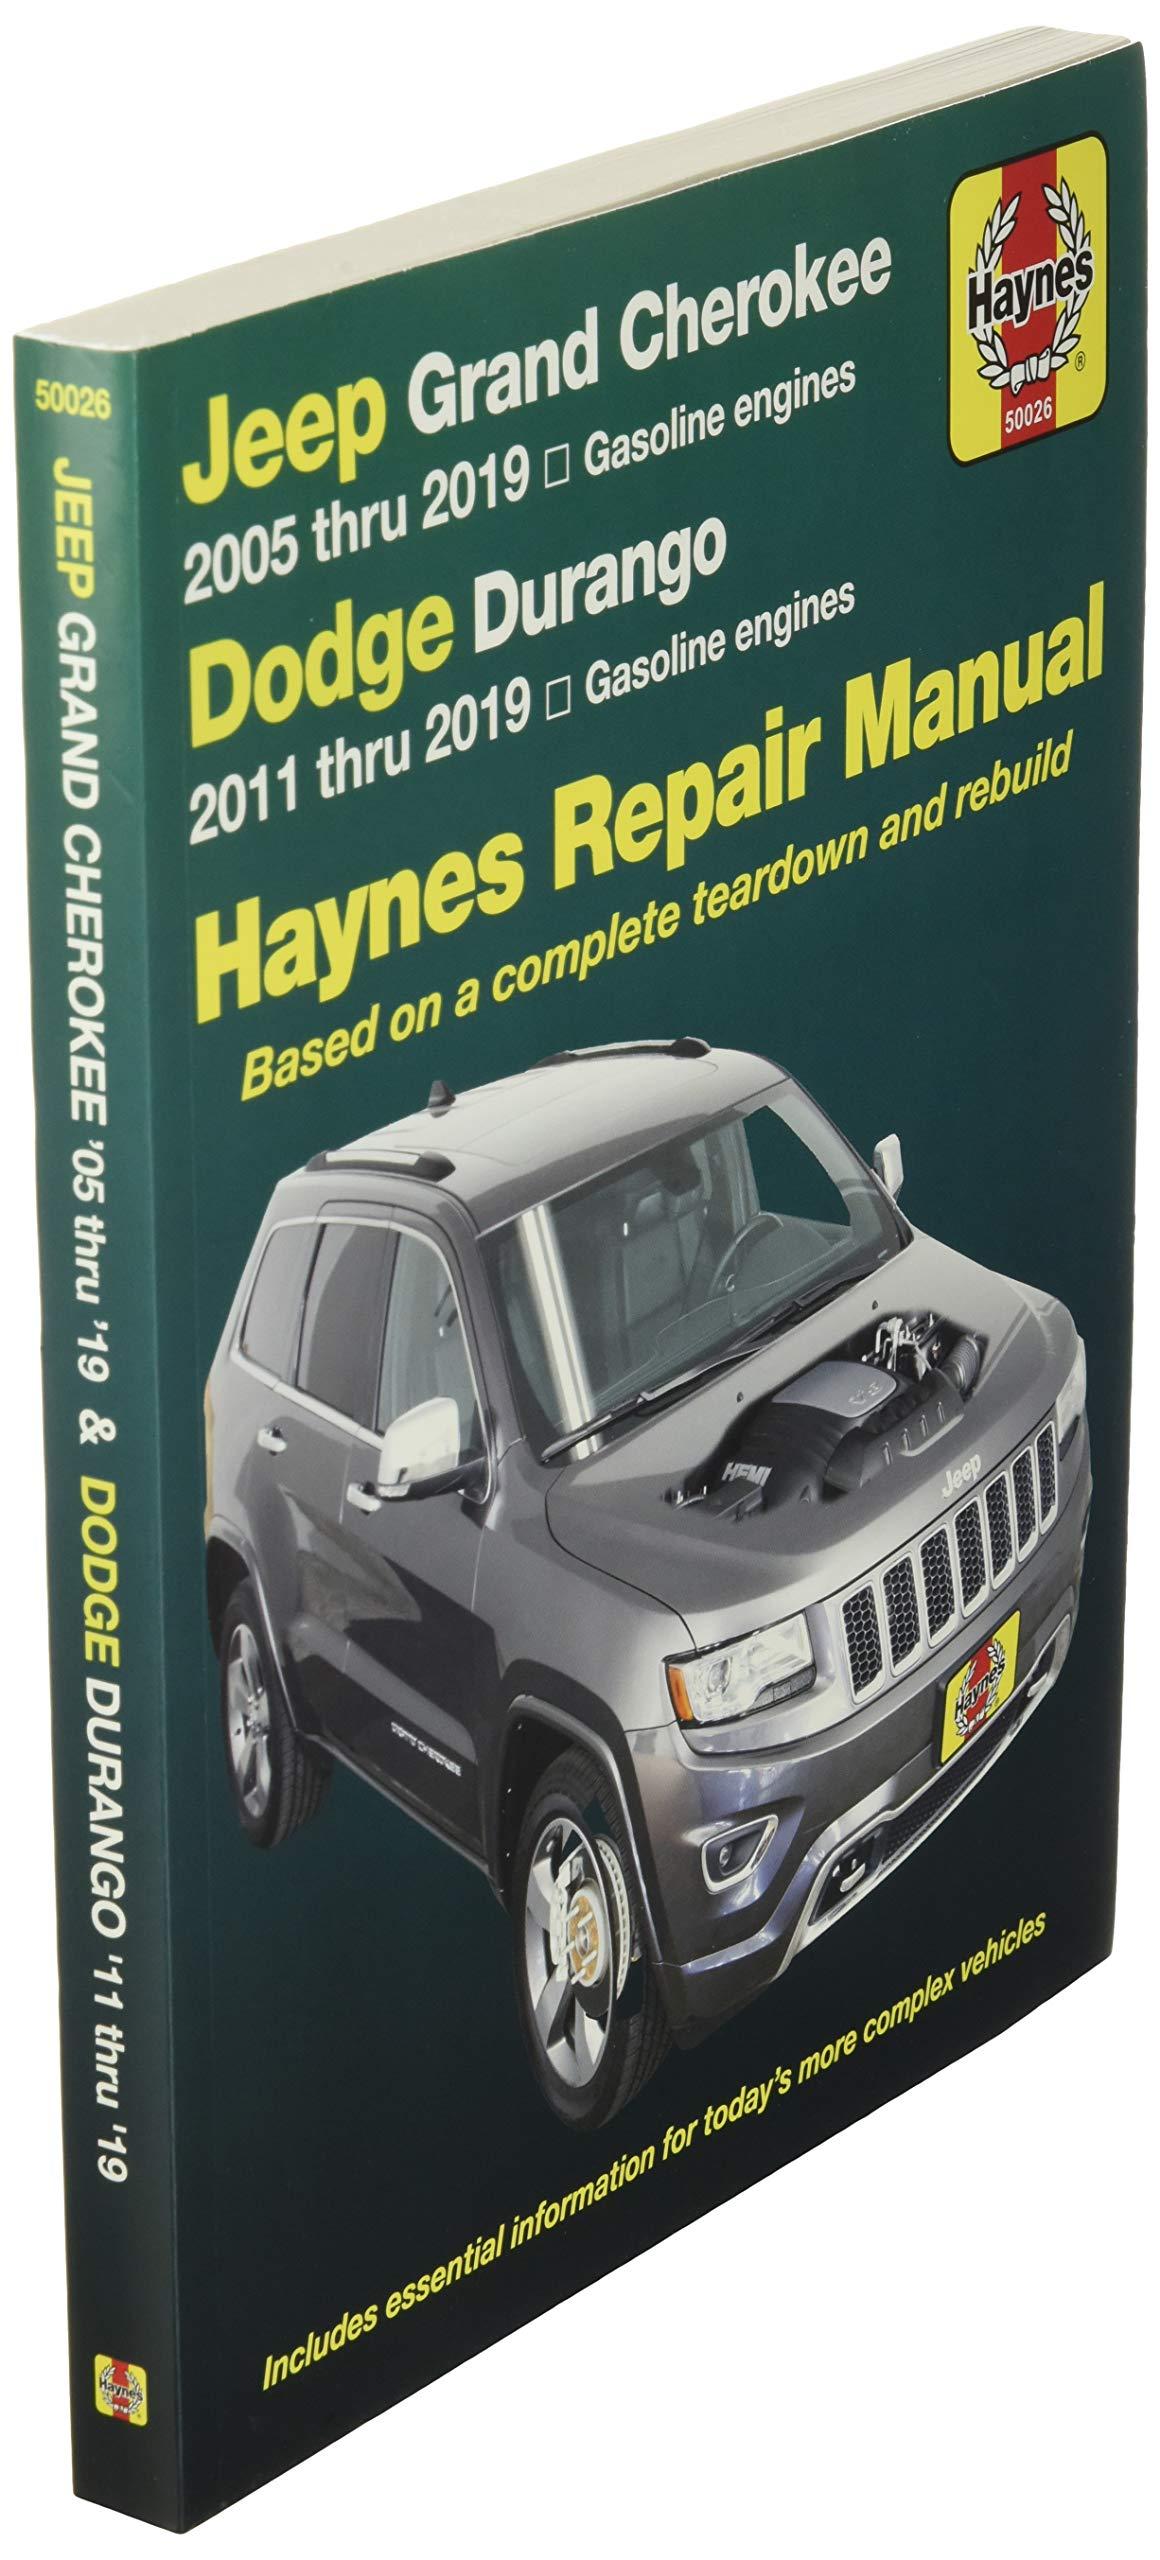 Jeep Grand Cherokee 2005 Thru 2019 And Dodge Durango 2011 Thru 2019 Haynes Repair Manual Based On Complete Teardown And Rebuild Hayne S Automotive Repair Manual Editors Of Haynes Manuals Fremdsprachige Bücher